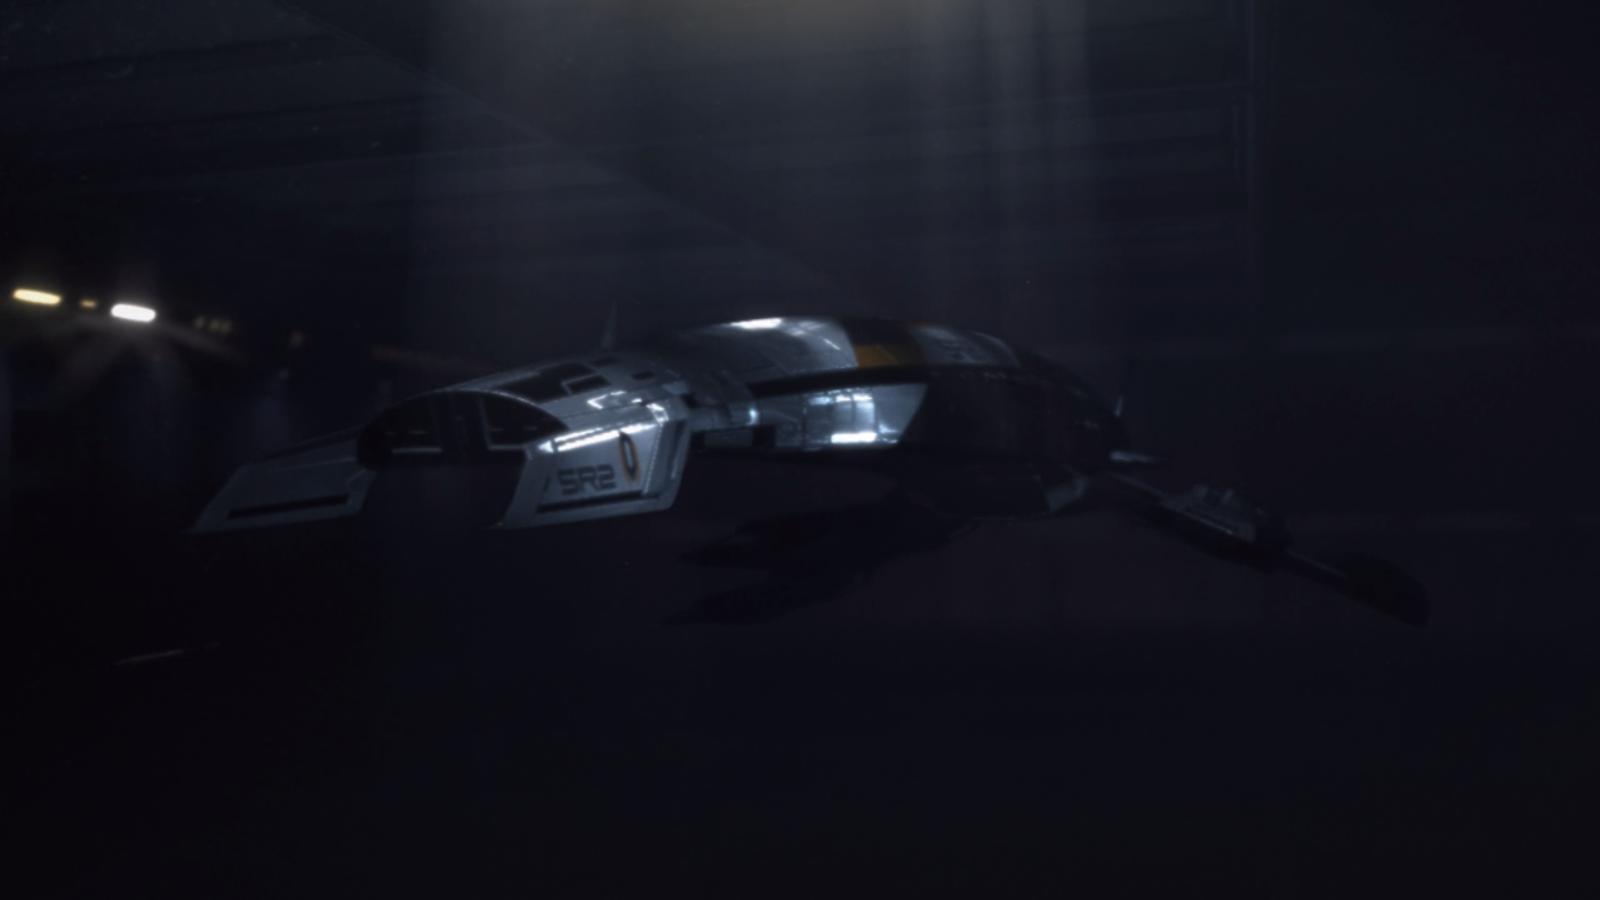 MassEffect2 2019-11-08 23-50-45-06.jpg - Mass Effect 2